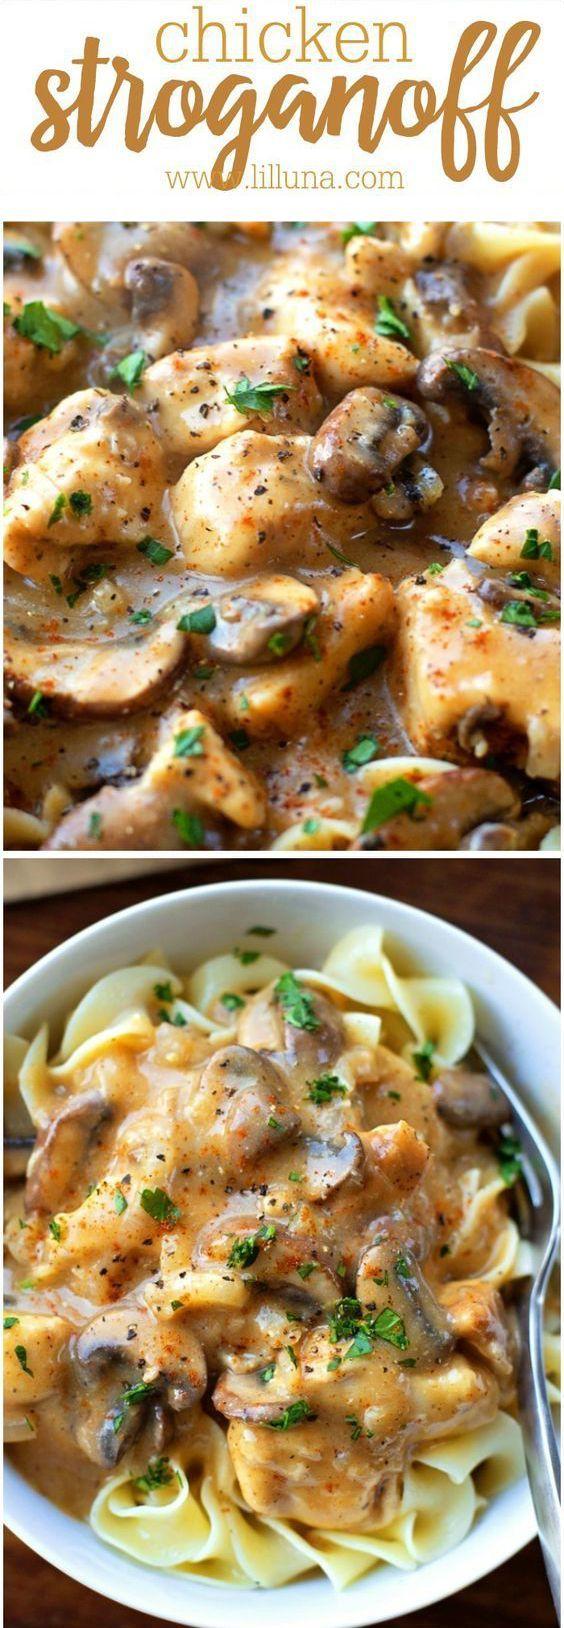 Chicken Stroganoff Healthy Recipes - food, healthy, recipes